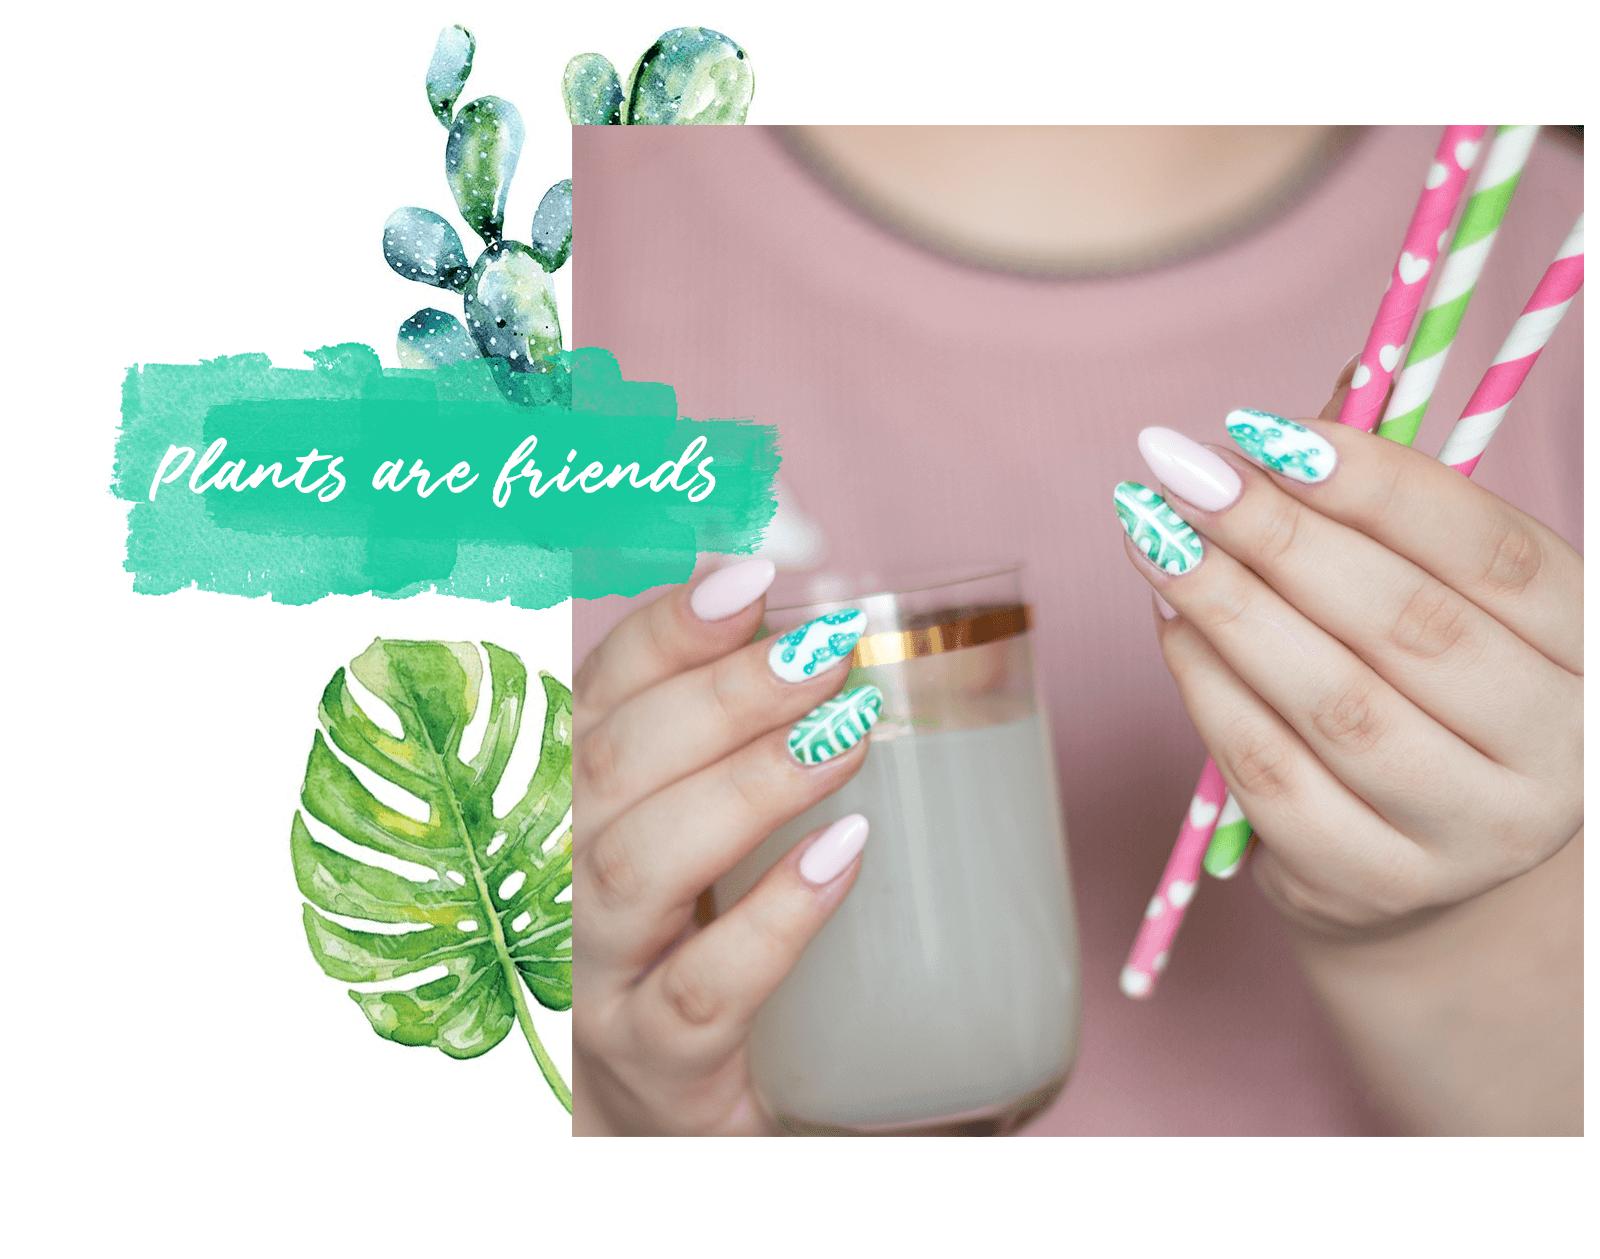 Wszystko o moich paznokciach + ulubione stylizacje